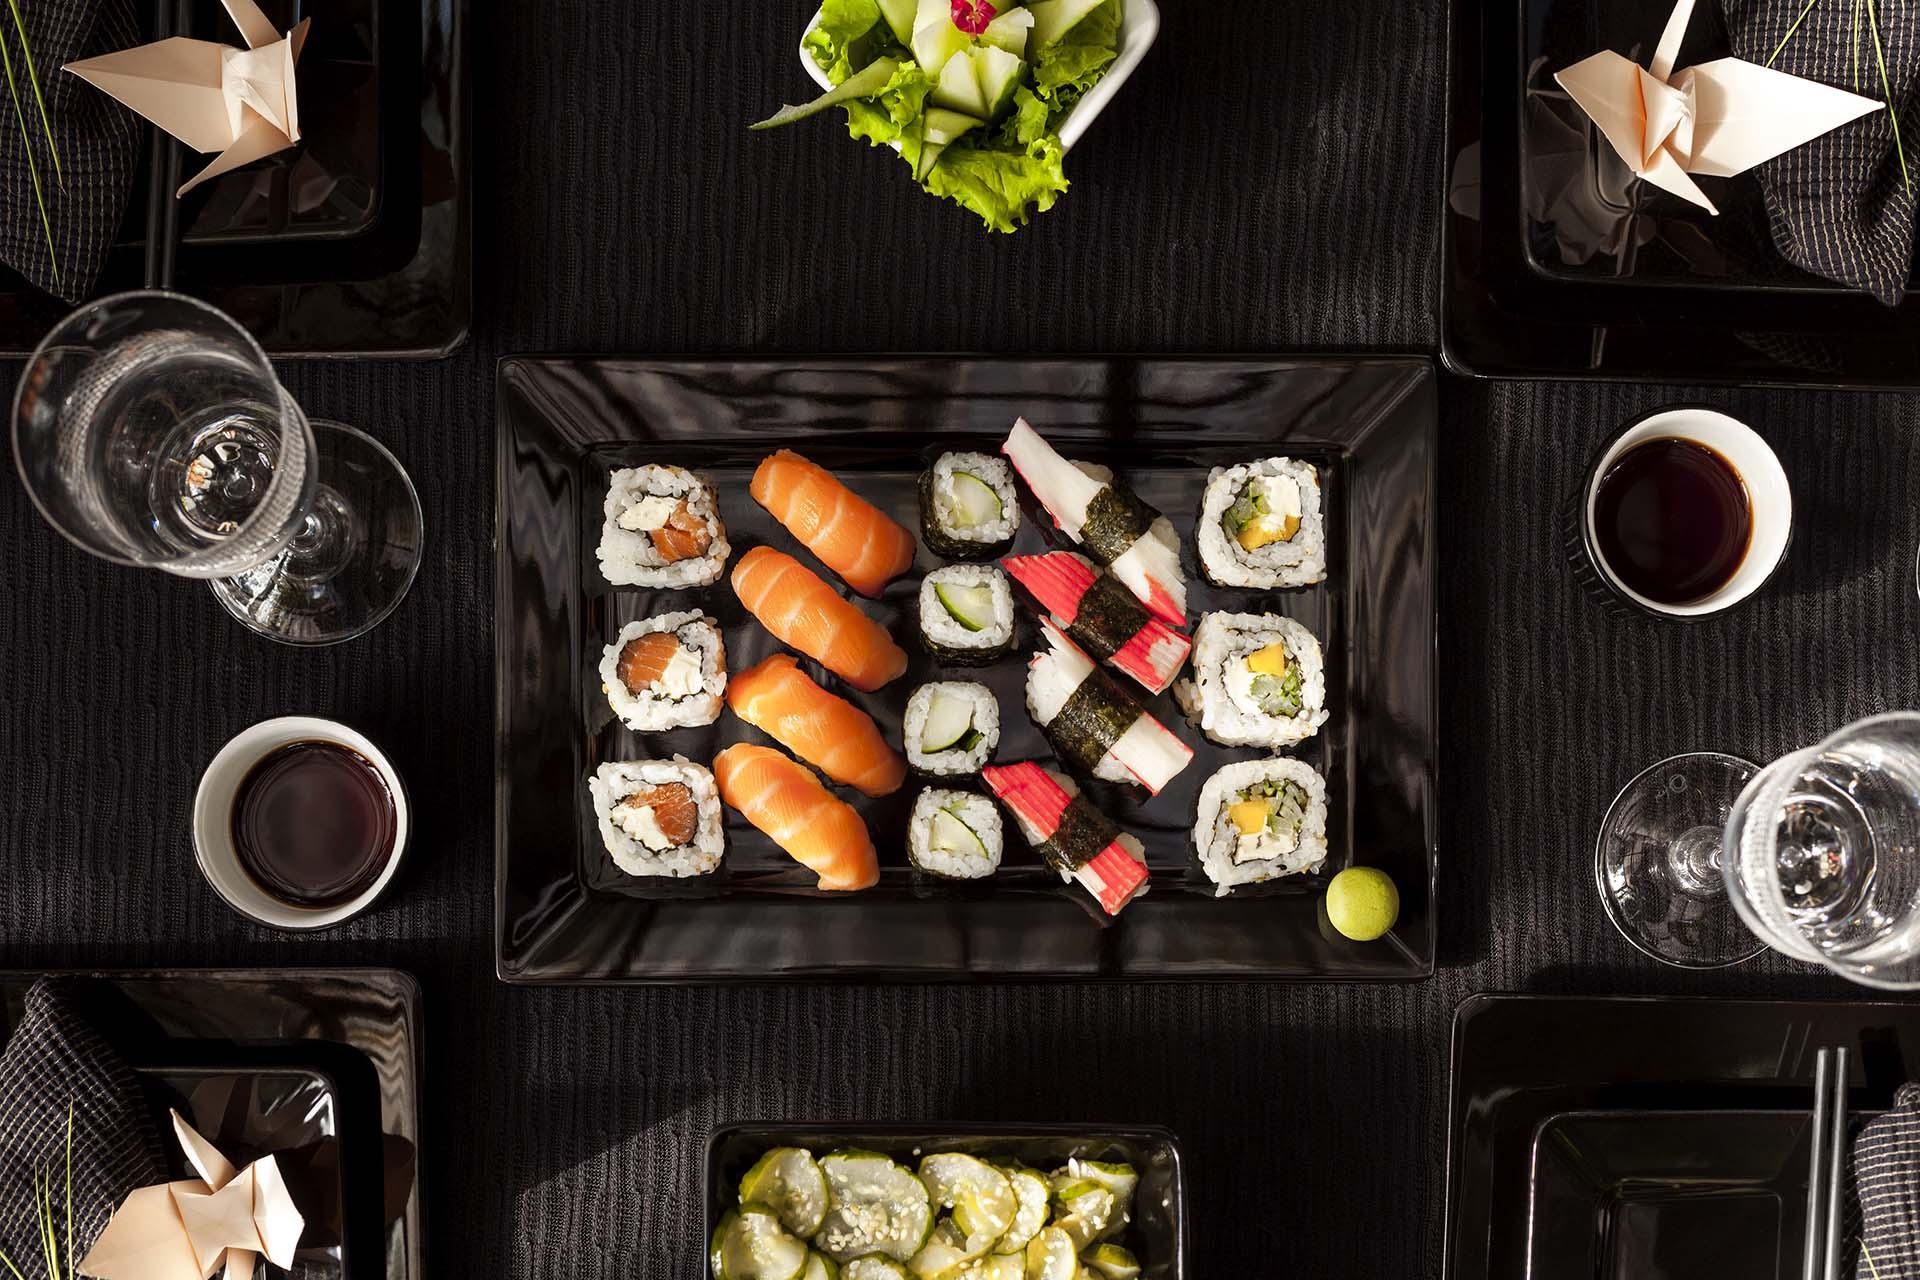 Imagem: Aqui o nosso jantar temático é japonês! A louça preta dá destaque para a comida e os detalhes são encantadores, como os Tsurus. Foto: Raphael Günther/Bespoke Content